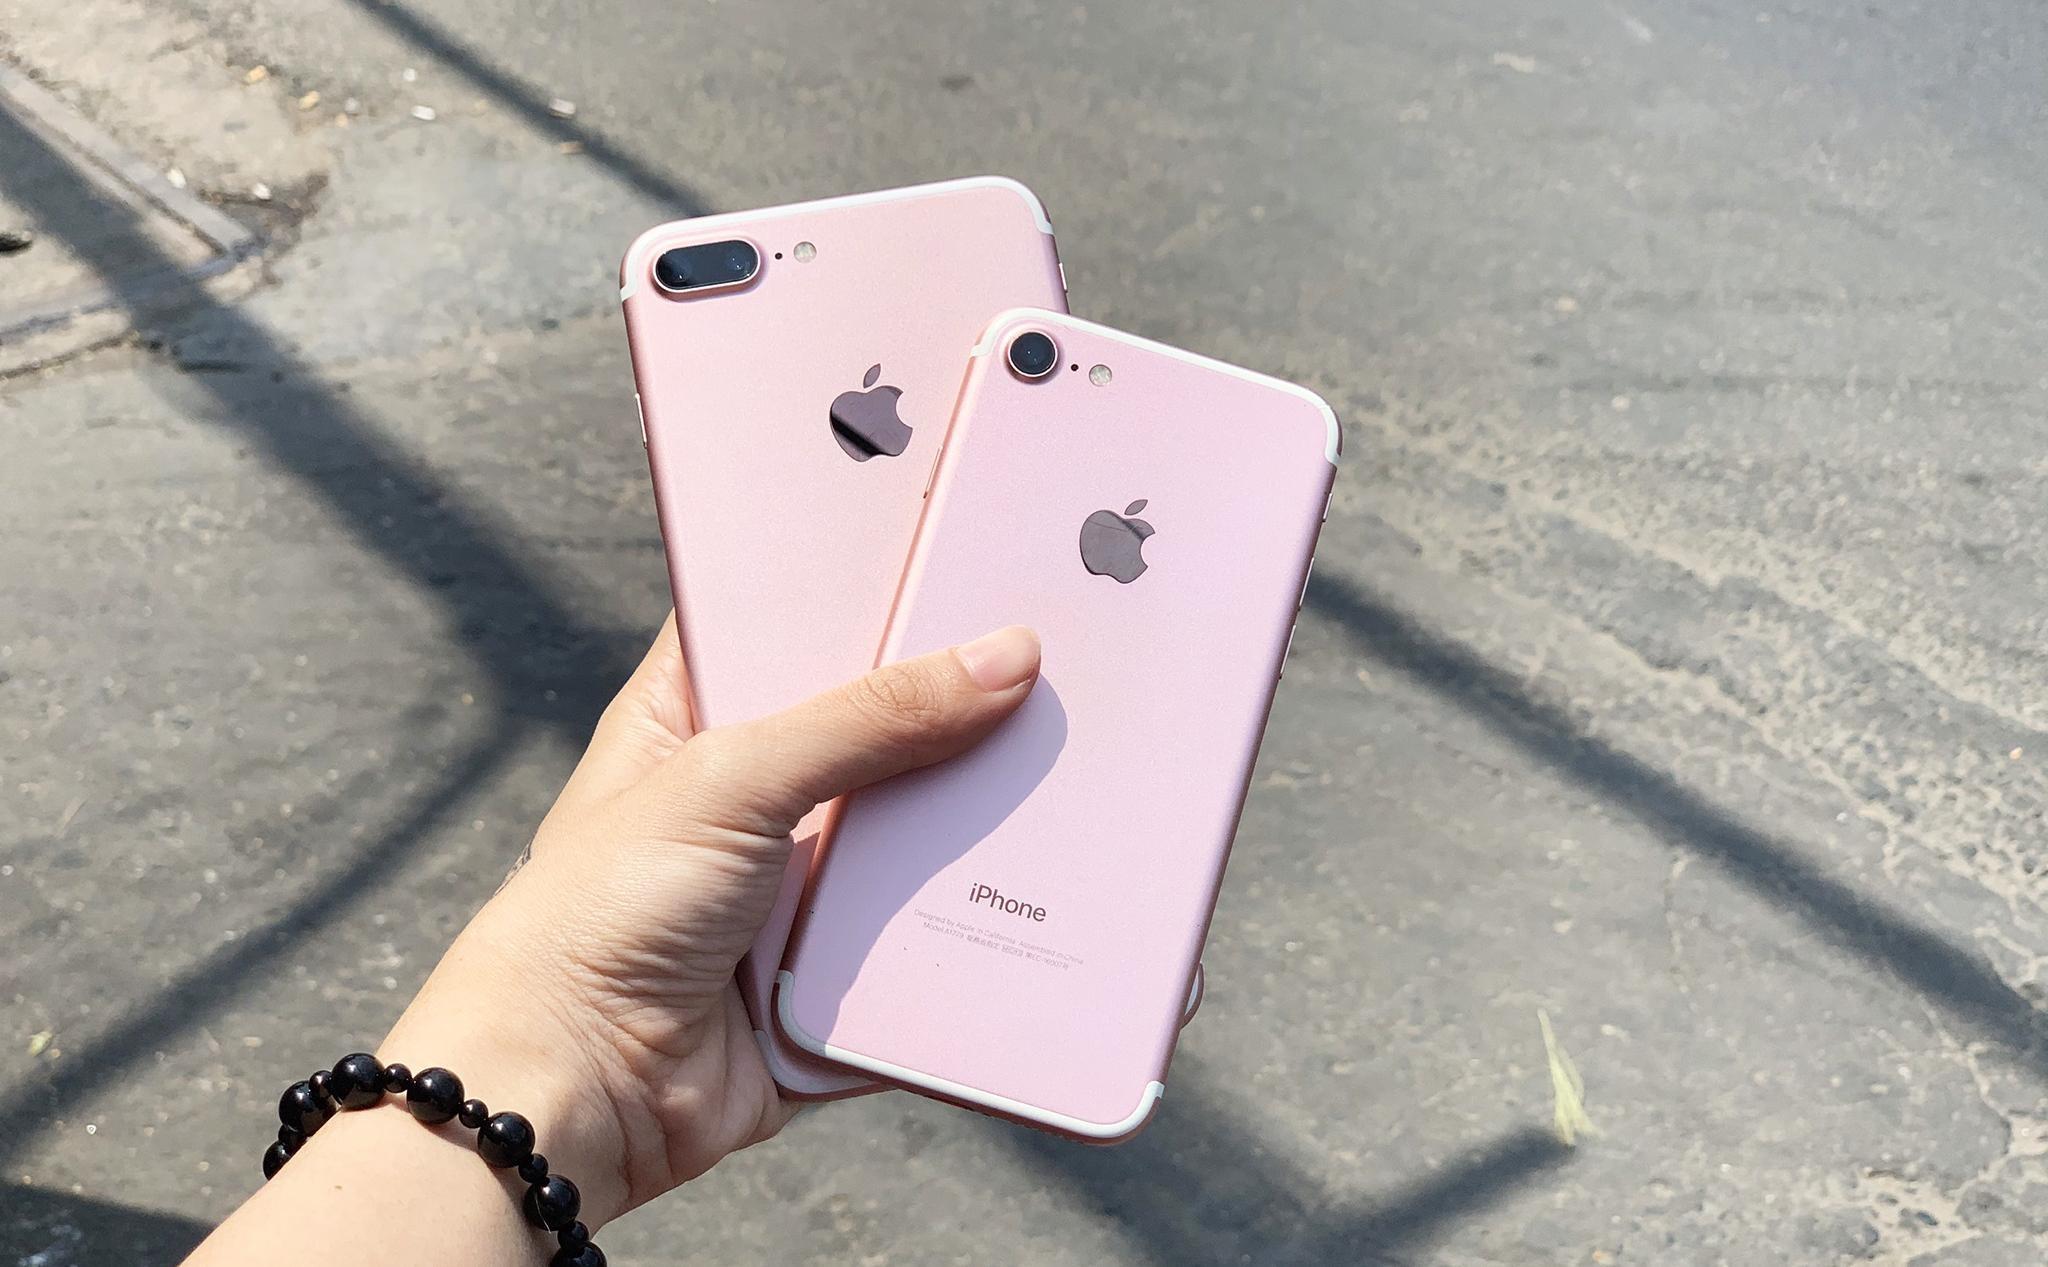 Mua iPhone giá tốt thời bão công nghệ có quá khó khăn? - Ảnh 4.